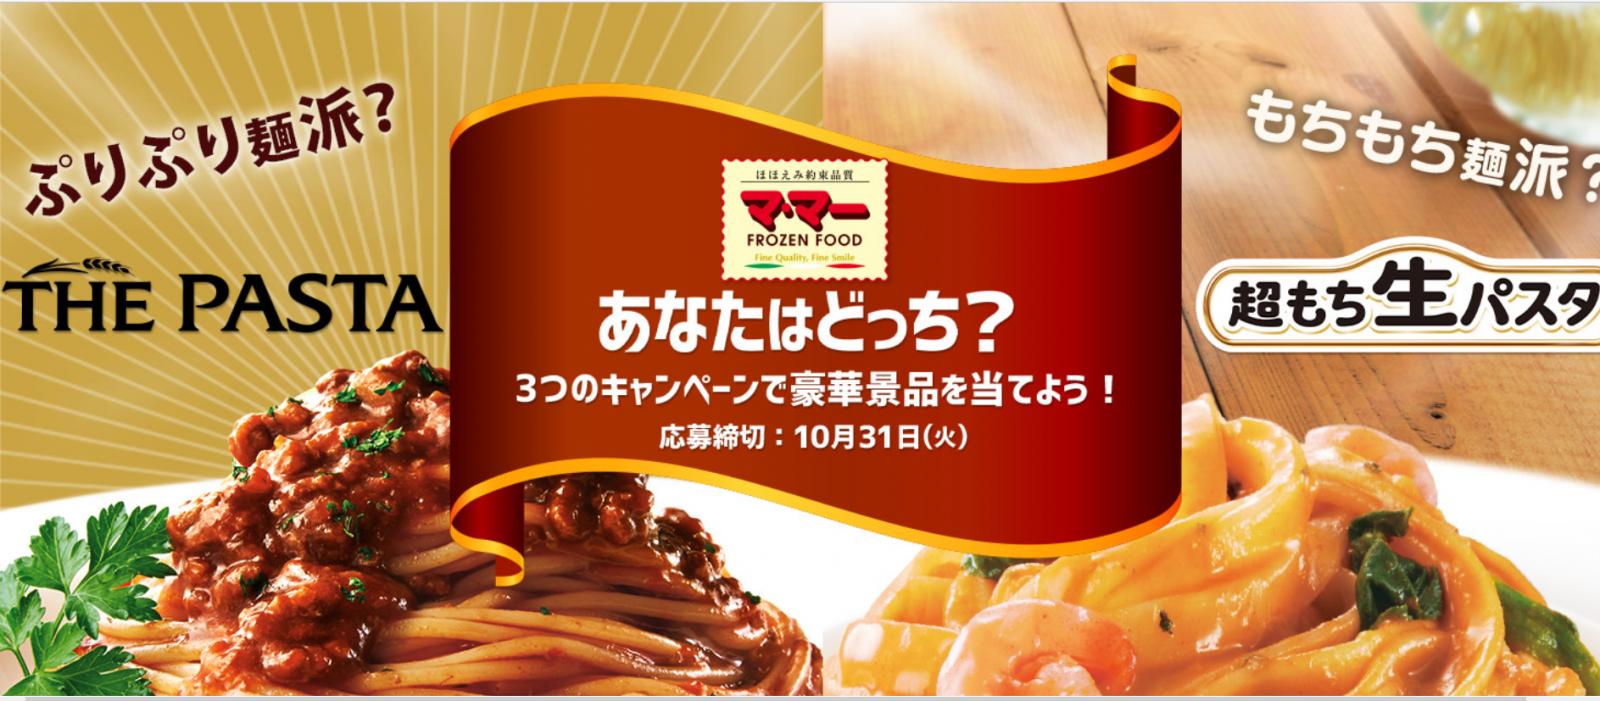 乾麺パスタのぷりぷり派か、生パスタのもちもち派か? 応募は10月31日まで